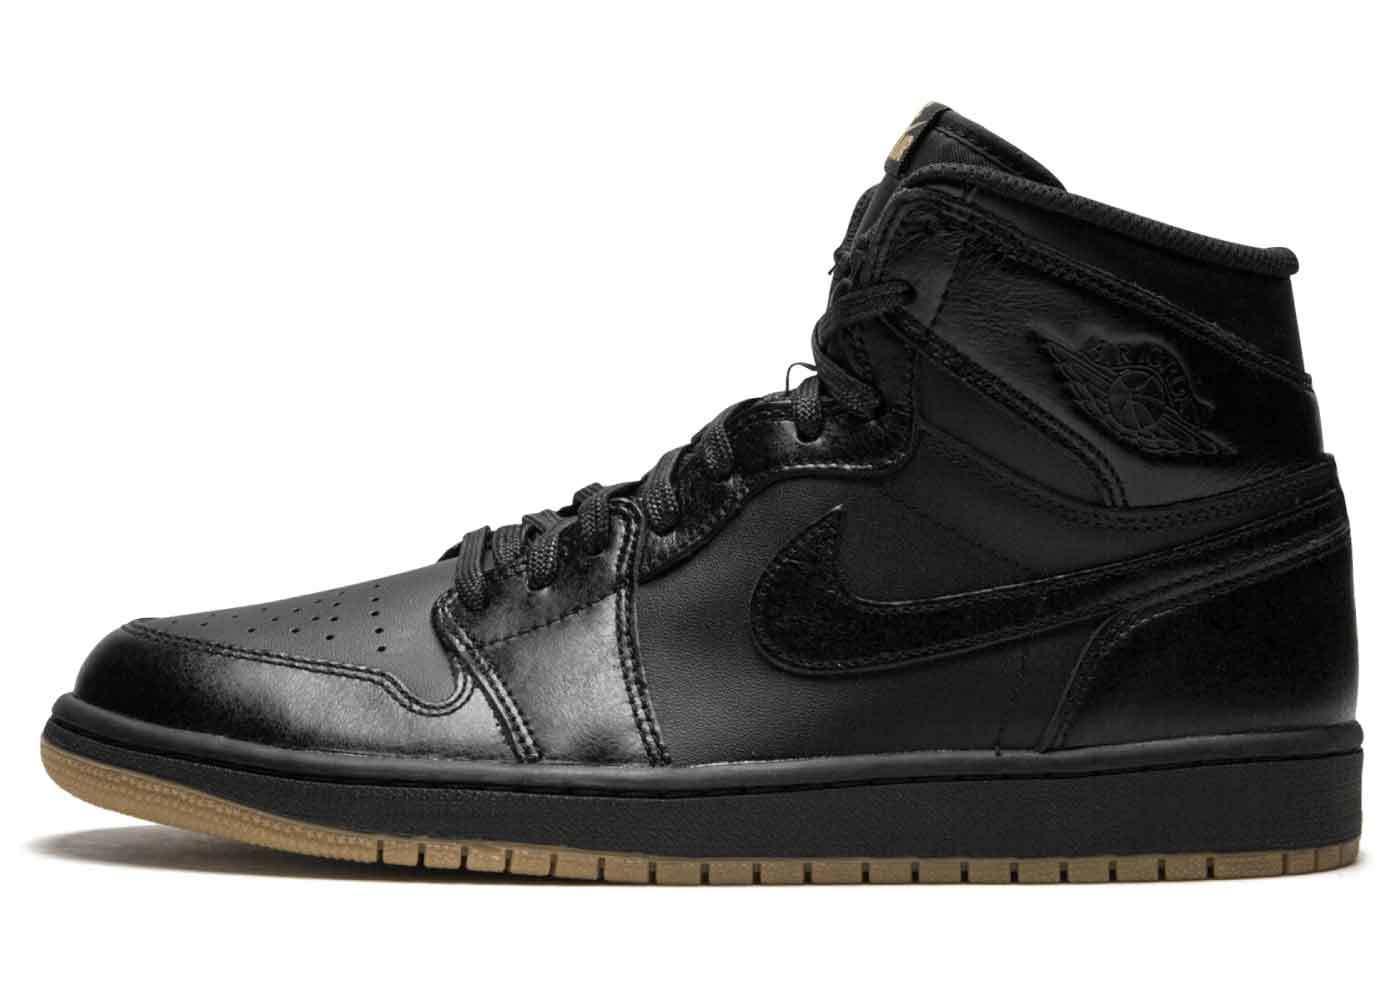 Nike Air Jordan 1 Retro Black Gumの写真